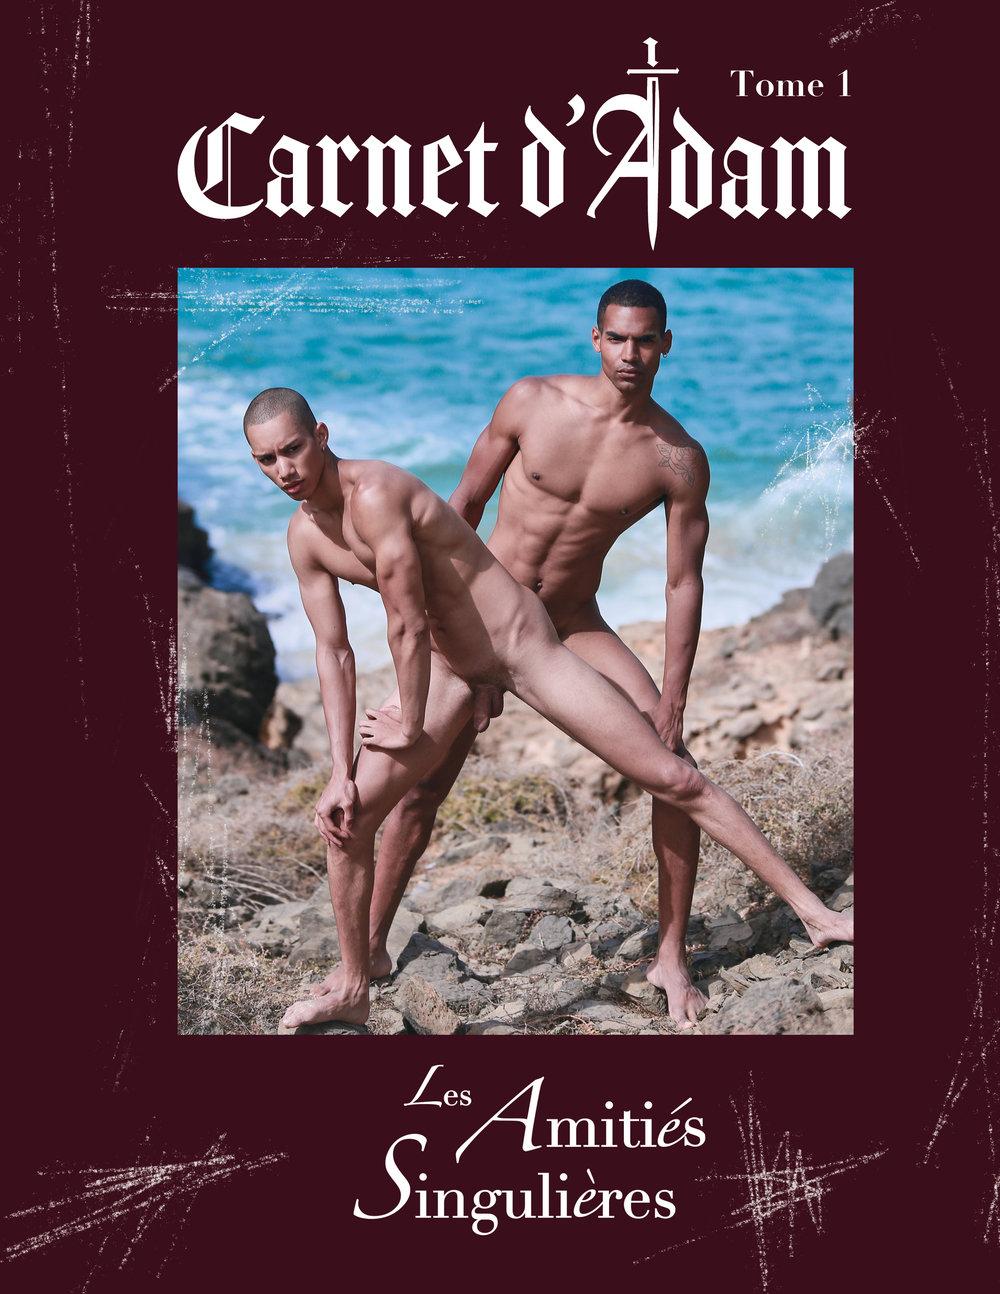 Cover_CARNET D'ADAM FANZINE - Tome 1_v3.jpg